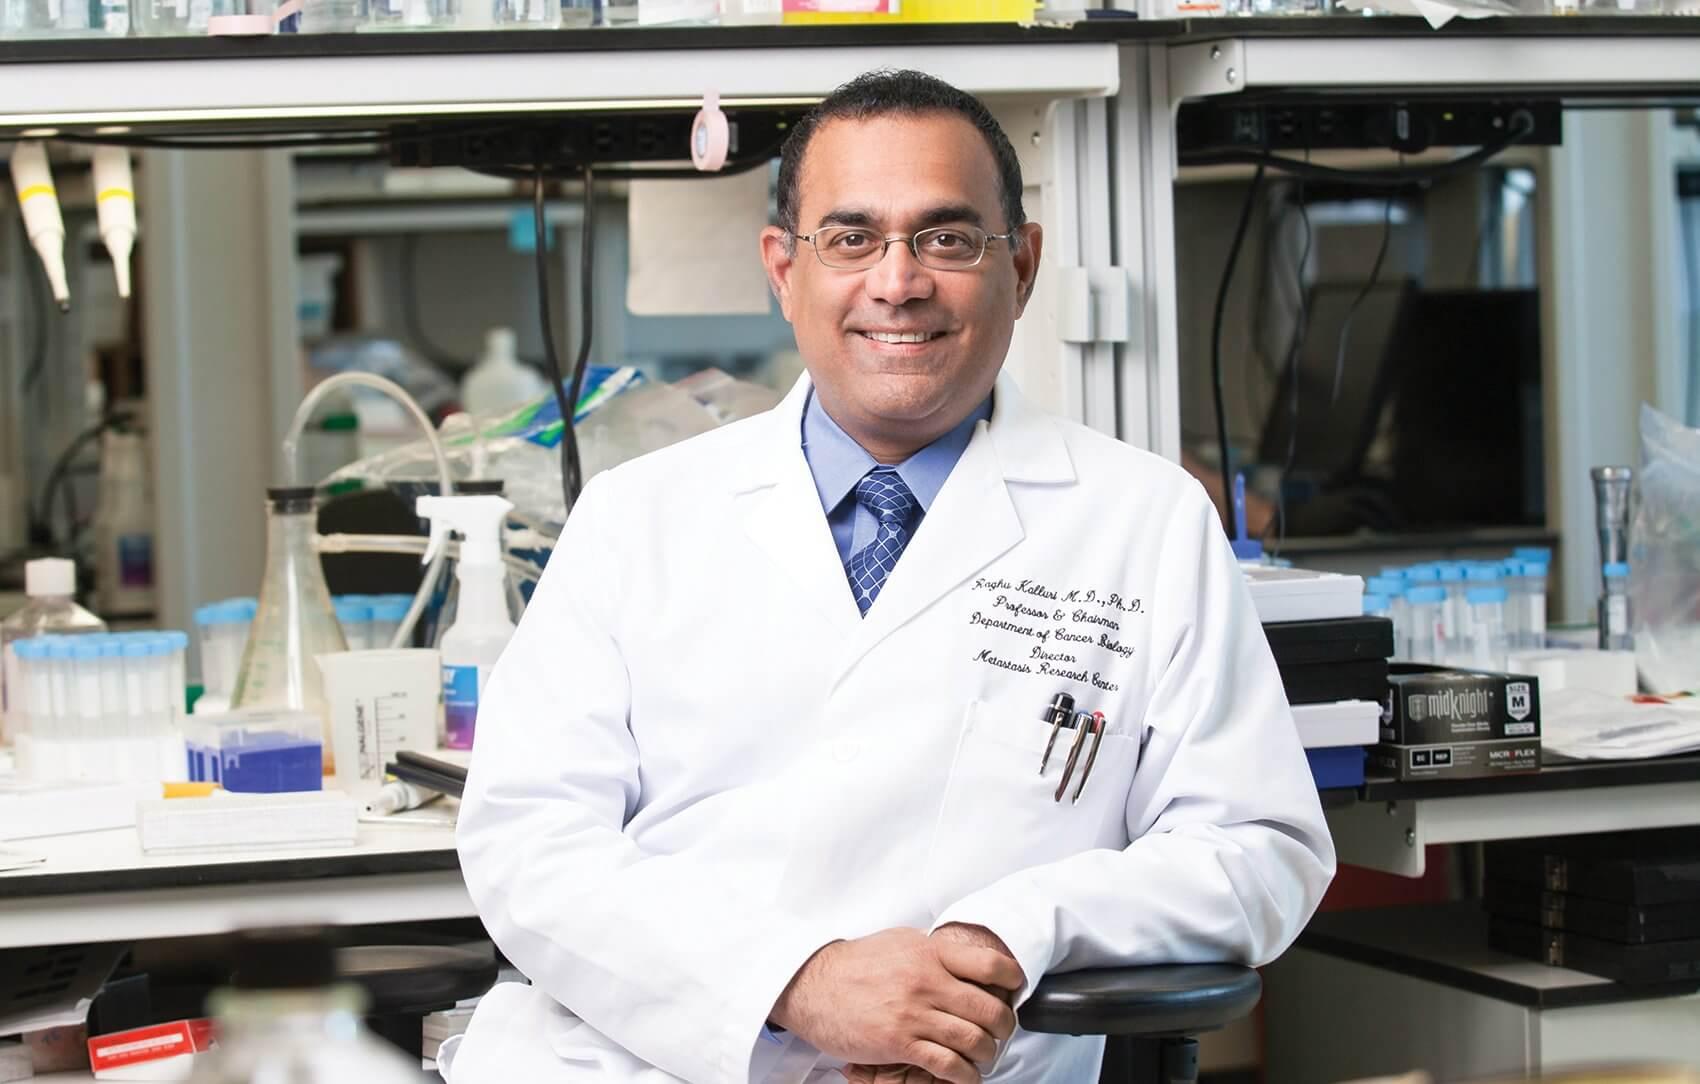 Raghu Kalluri, M.D., Ph.D.